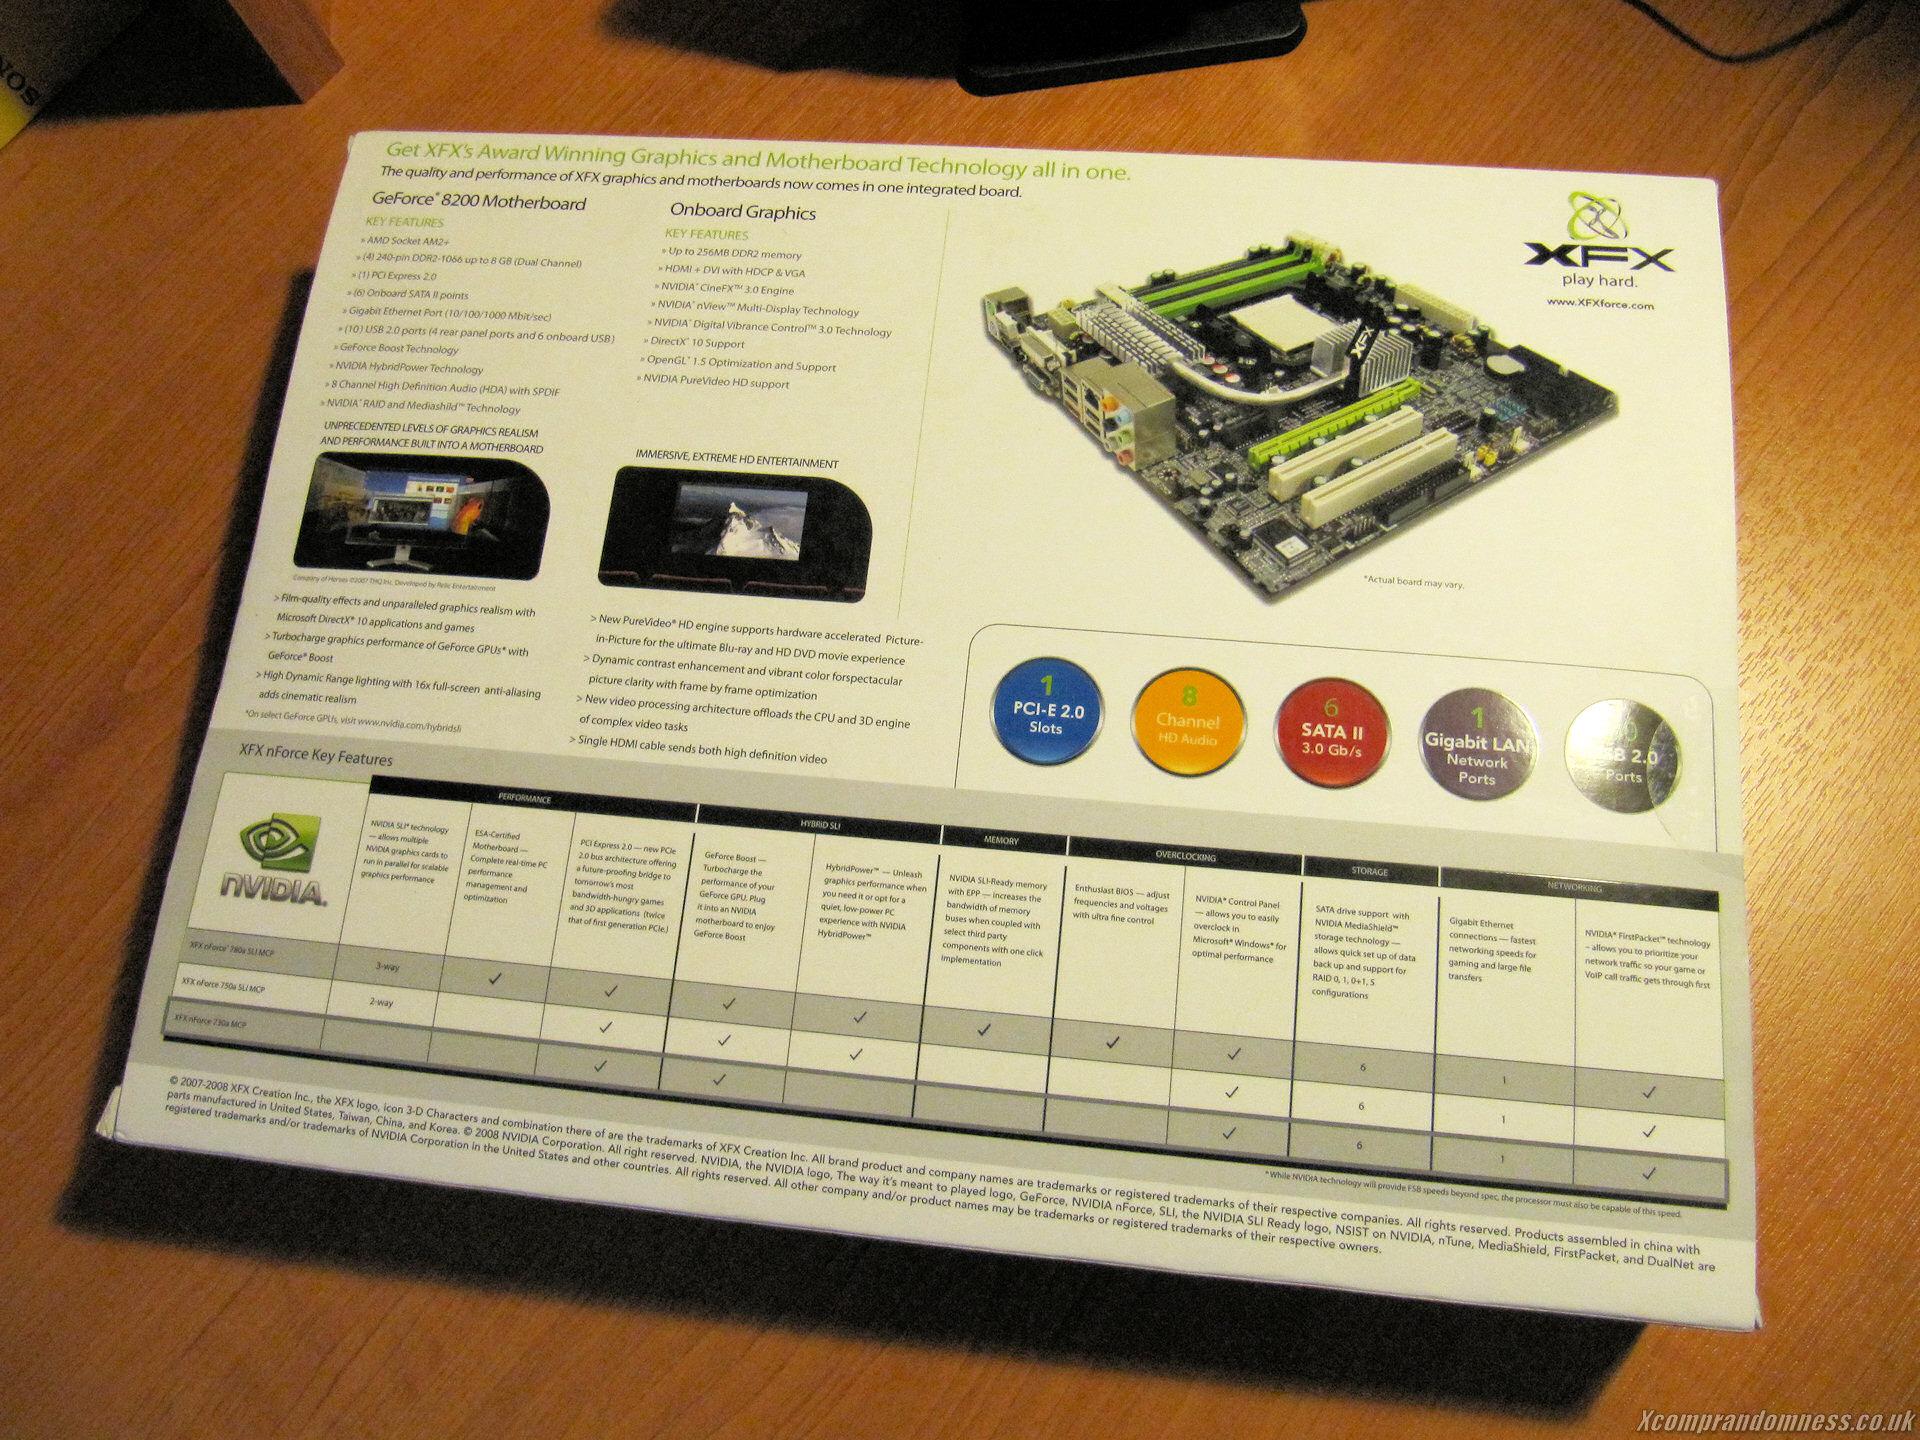 The XFX 8200 specs look impressive.